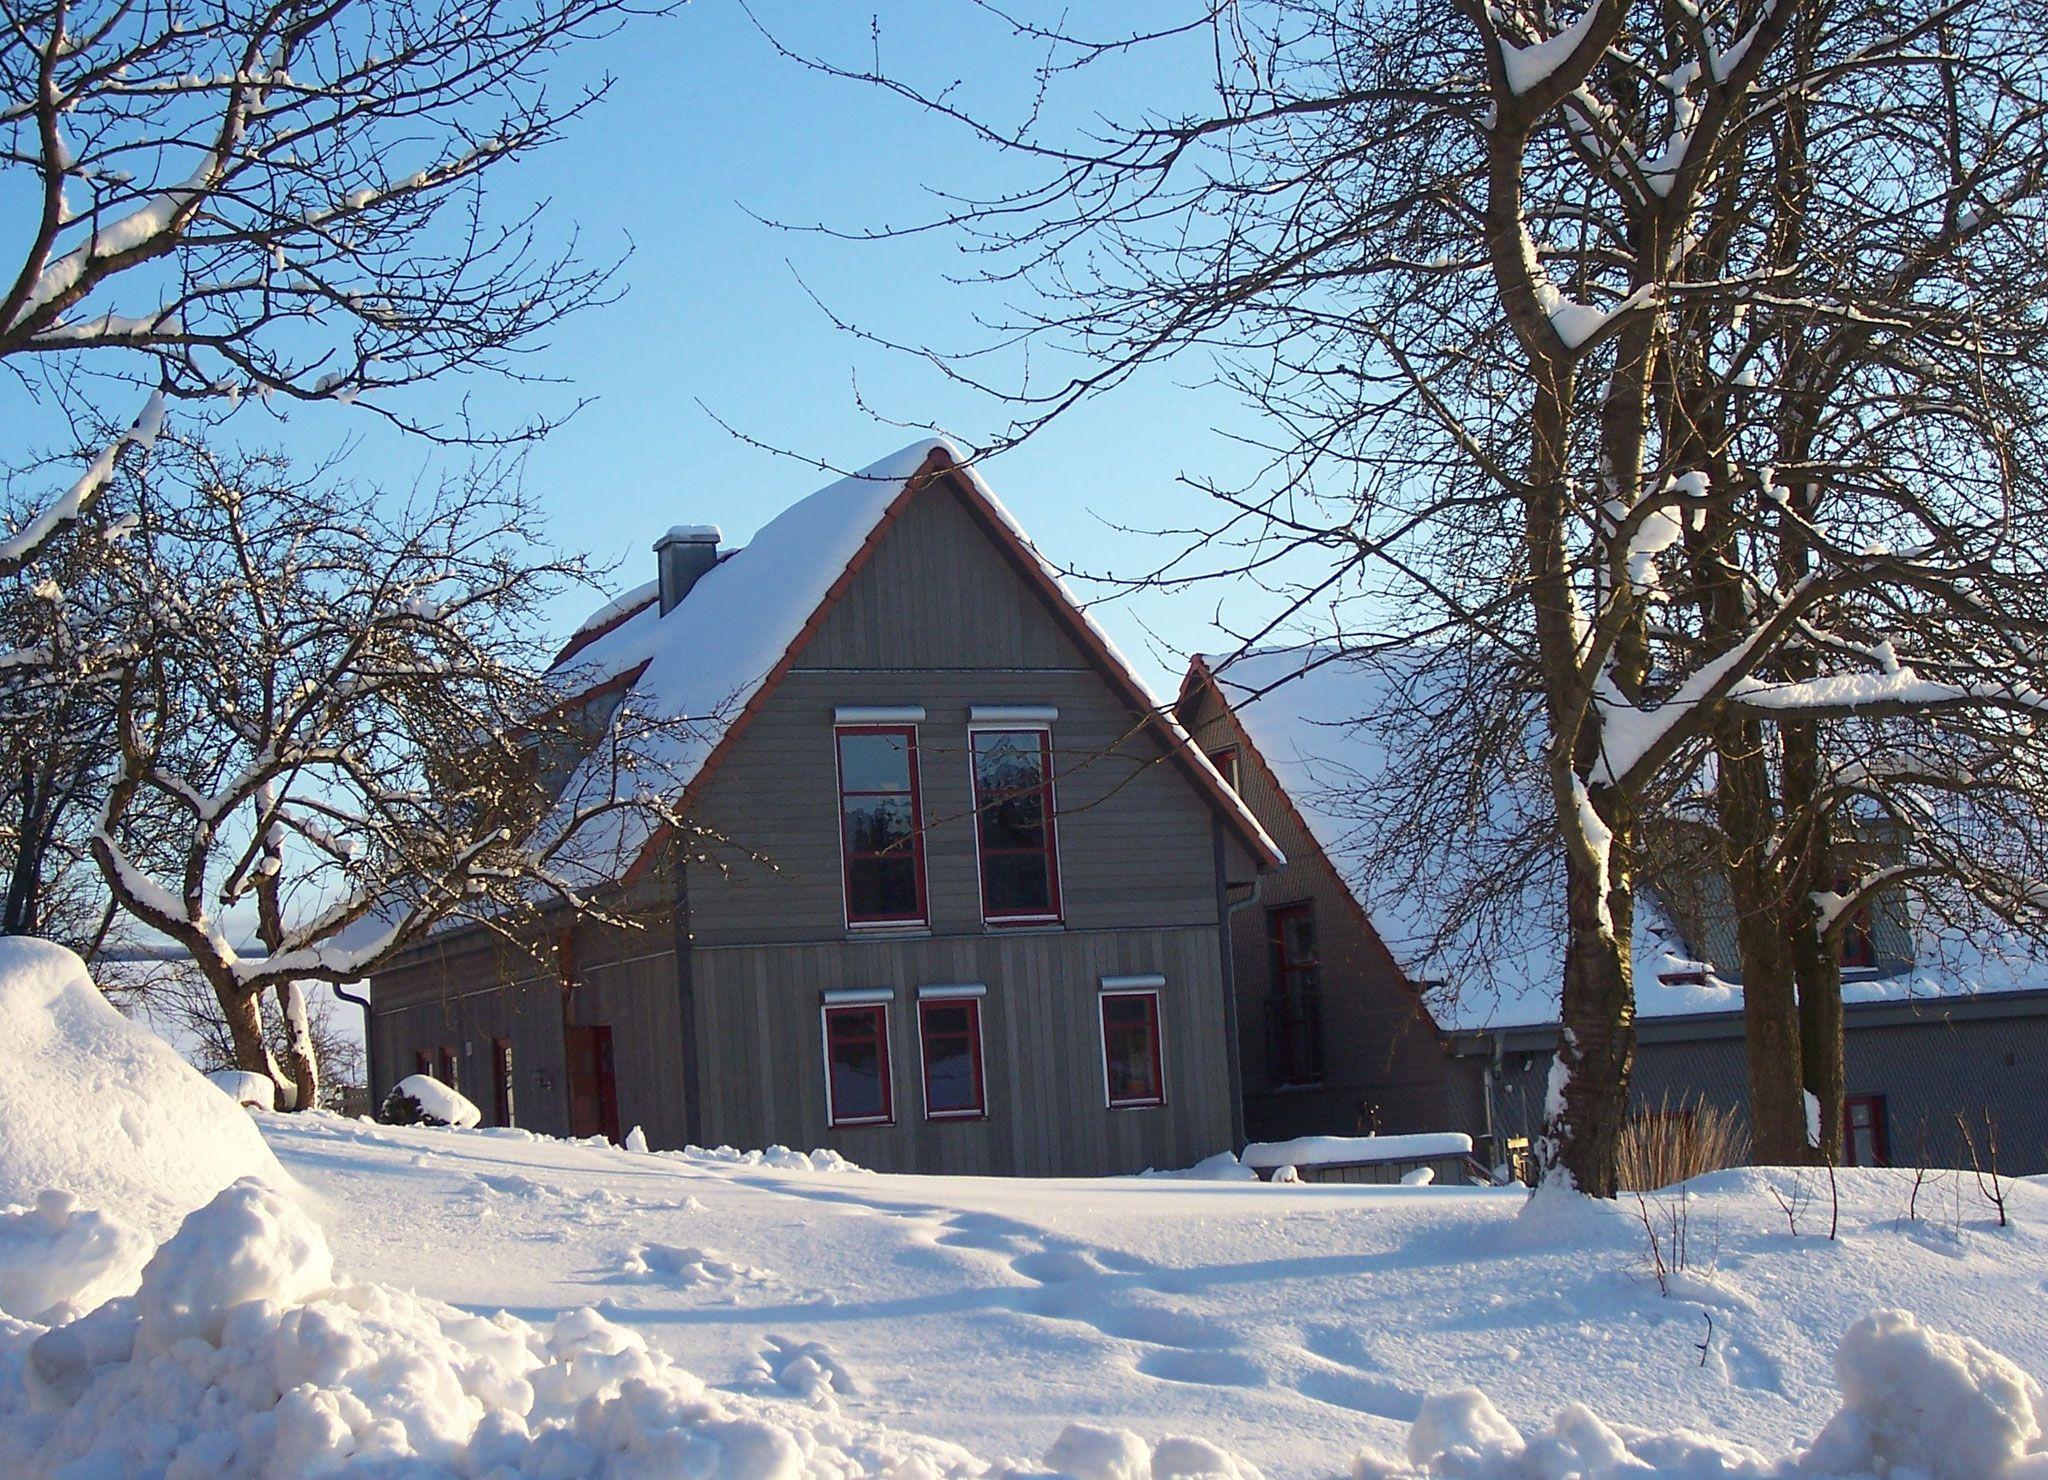 Verschneite Rhön. Das Ferienhaus im Winter. in 2019